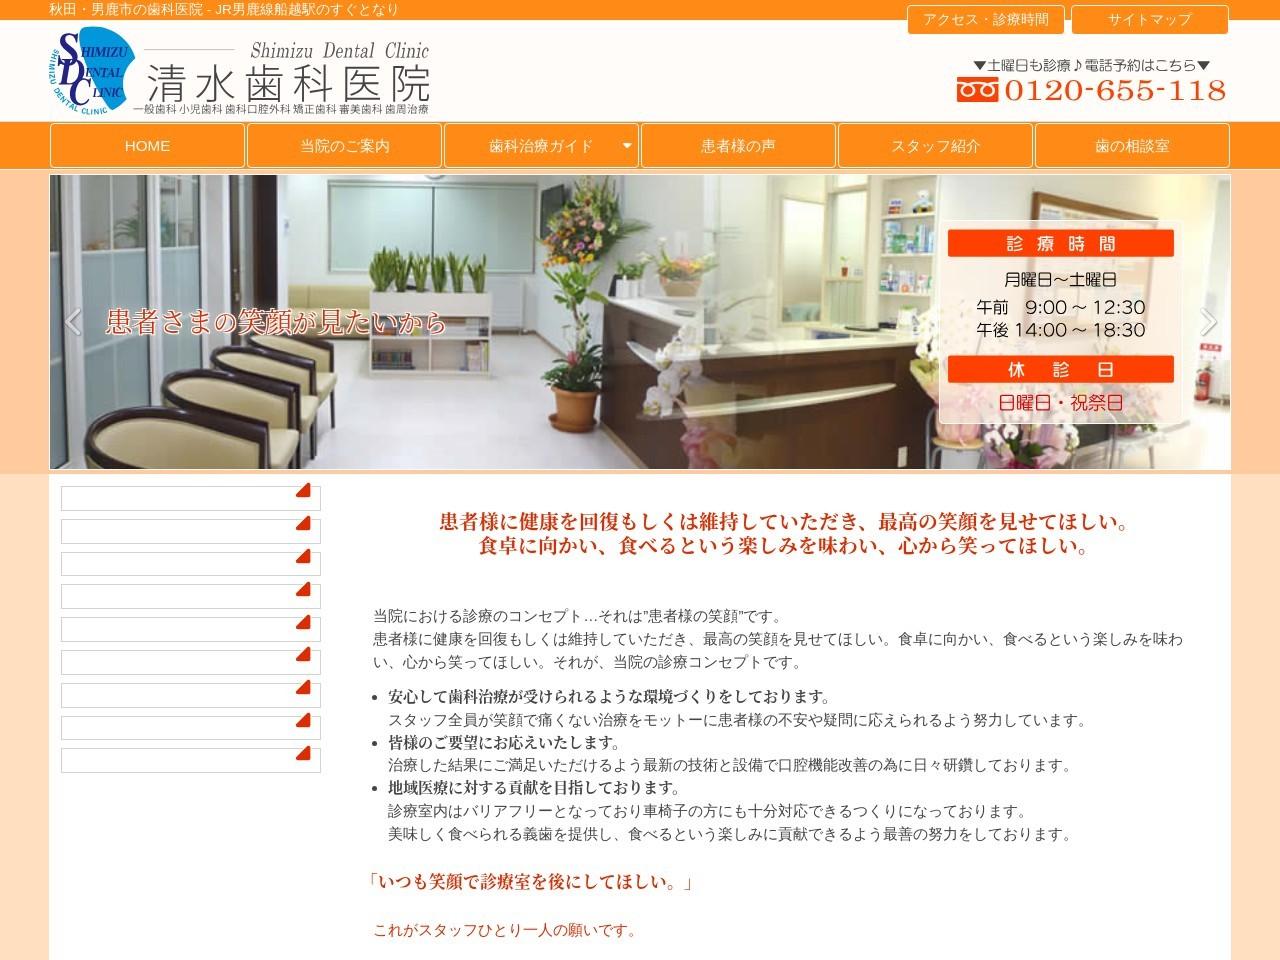 医療法人  清水歯科医院 (秋田県男鹿市)